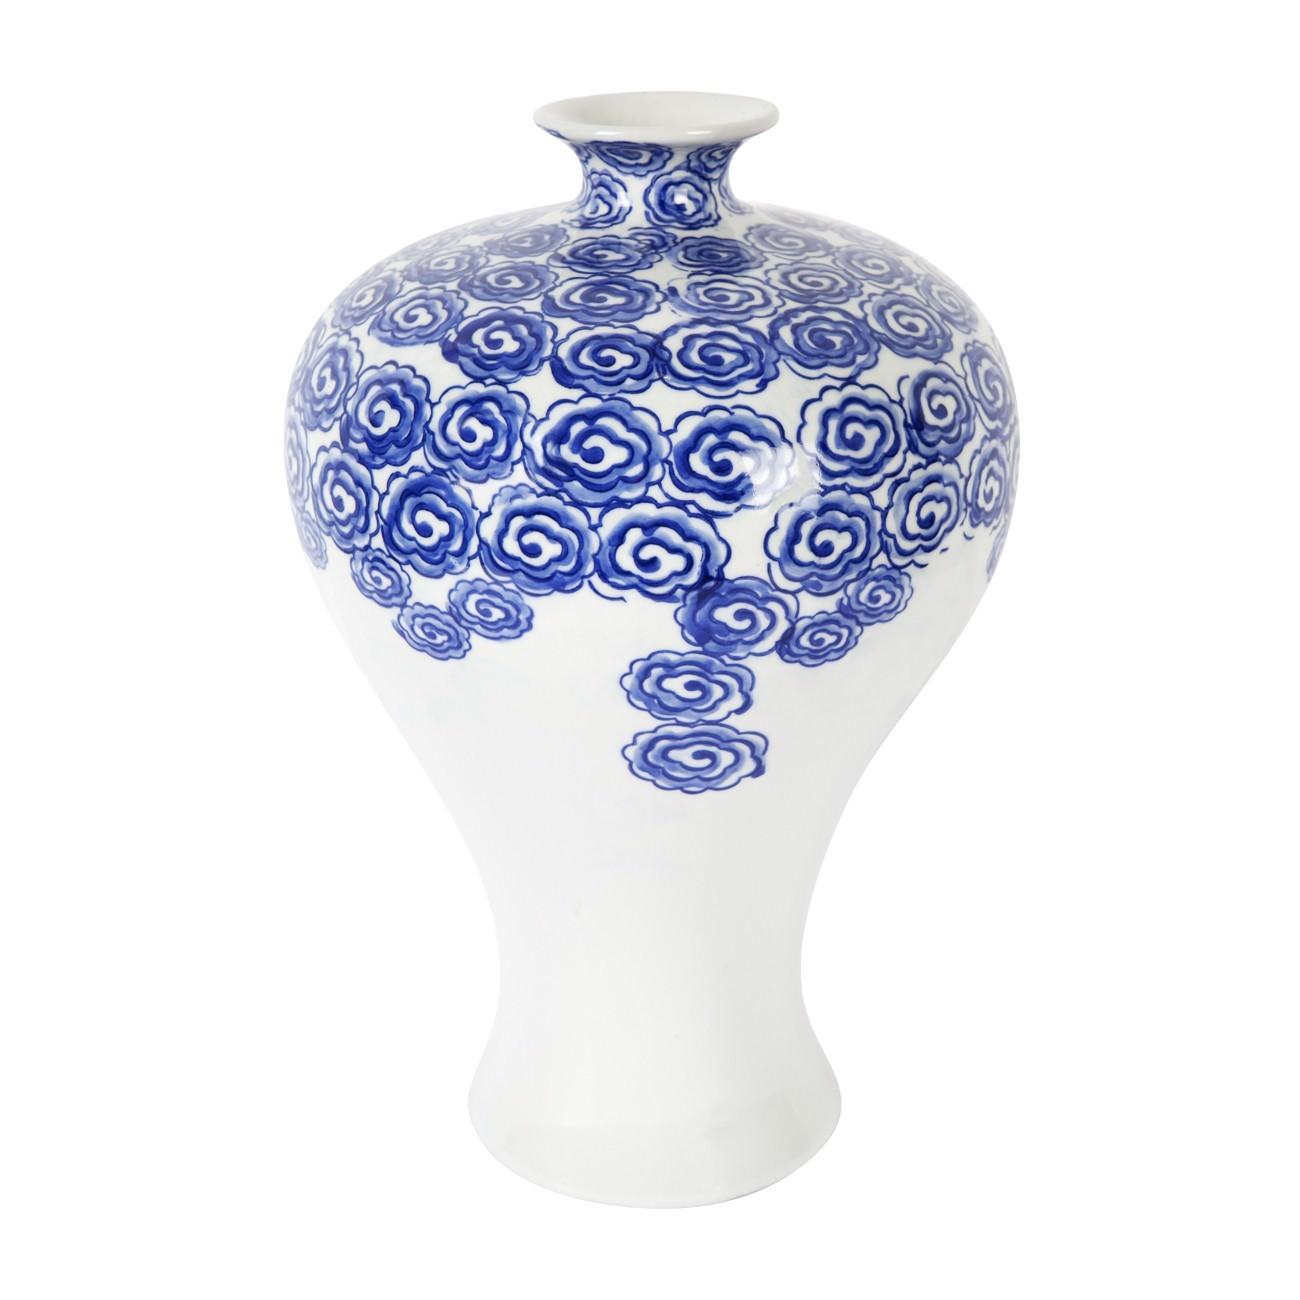 Ming Ceramic Vase